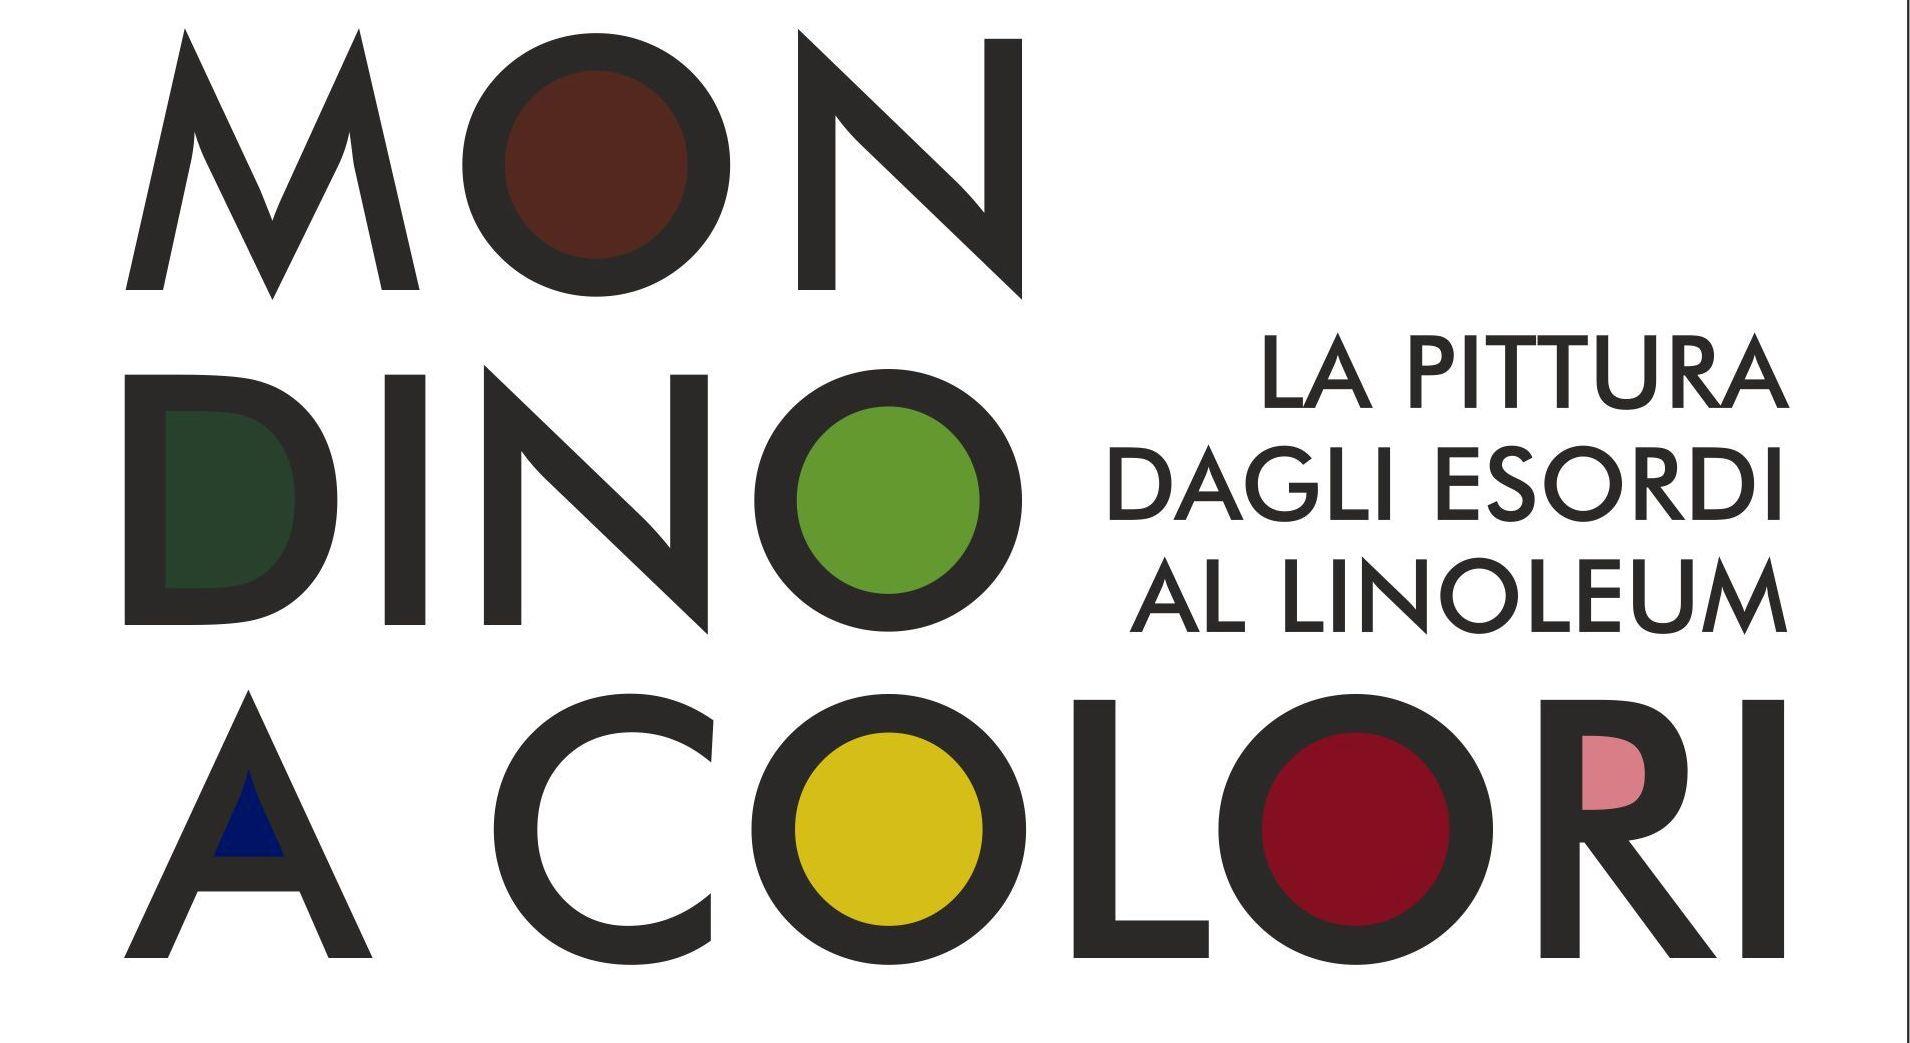 Aldo Mondino